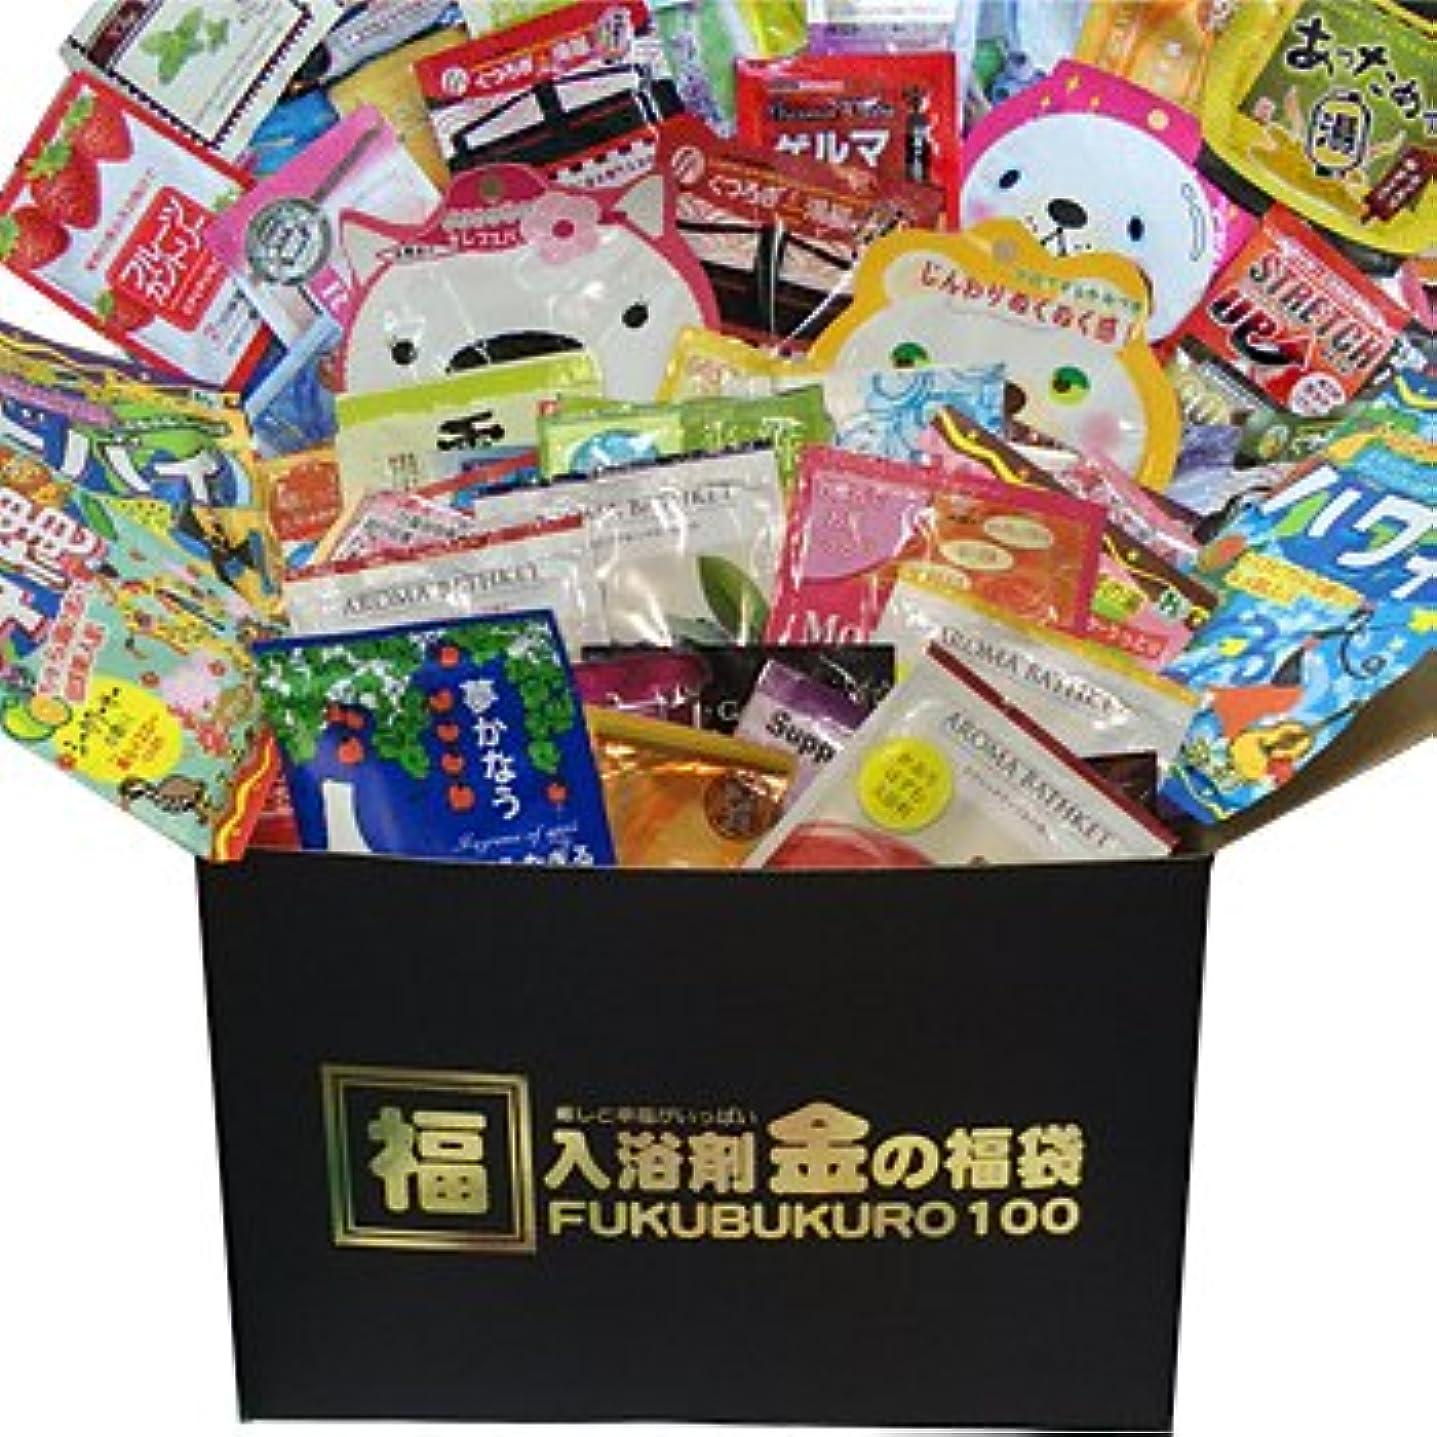 信頼強制的アセ金の! 【入浴剤 福袋】100個 安心の日本製!入浴剤福袋/入浴剤 福袋/ギフト